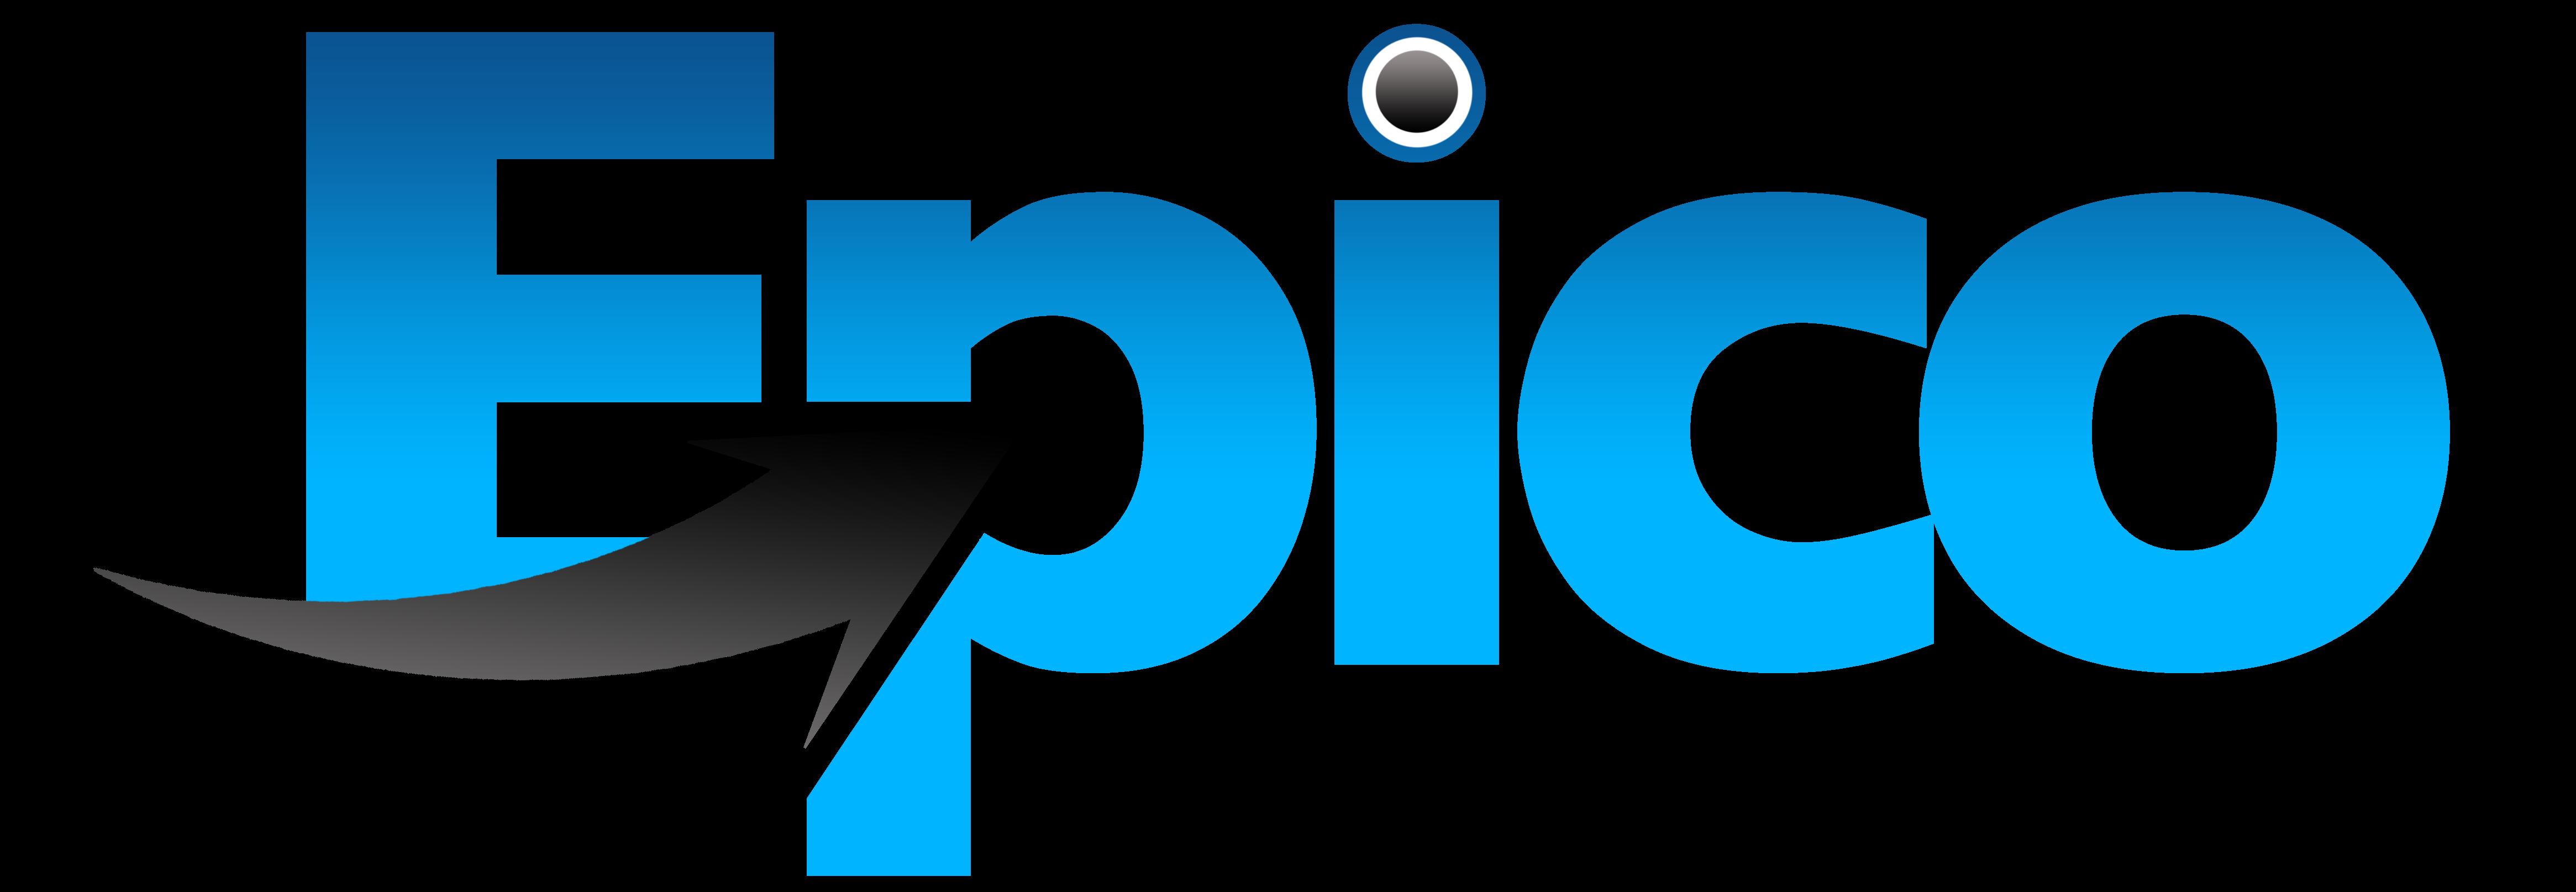 Epico Malaysia